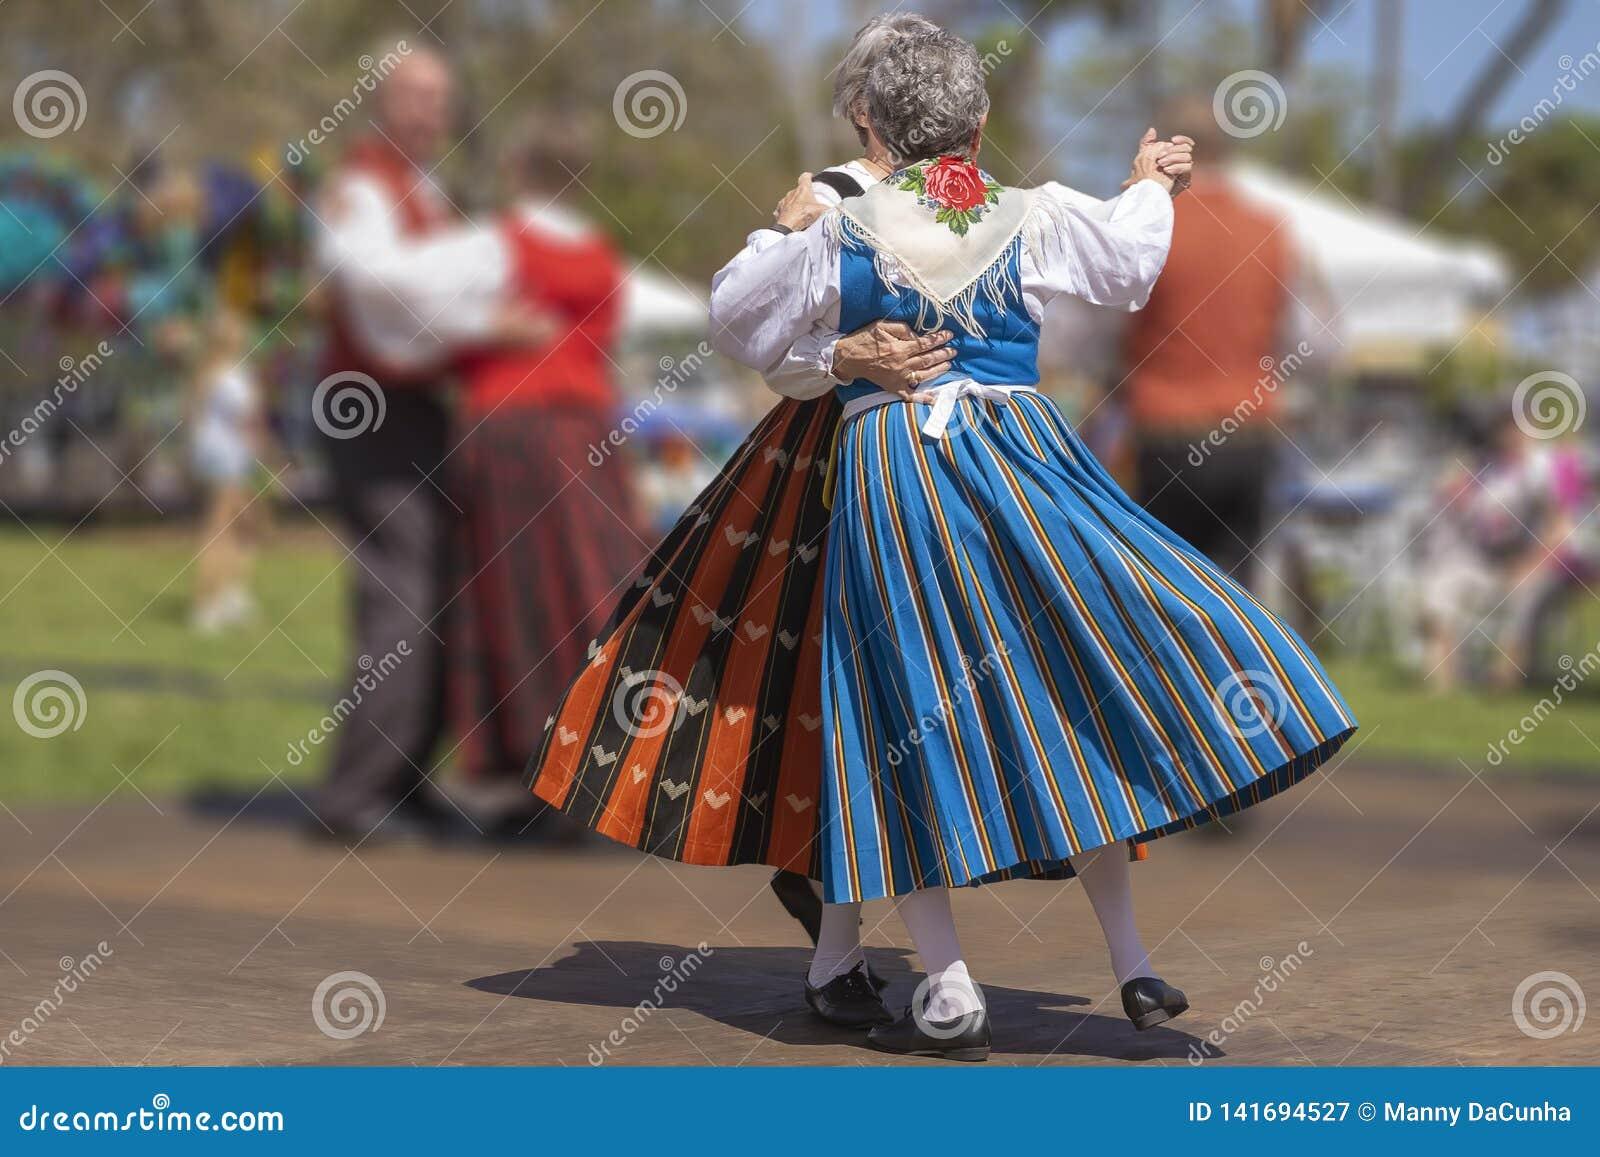 Werk kostuums van het Finse Erfenisperiode dansen uit